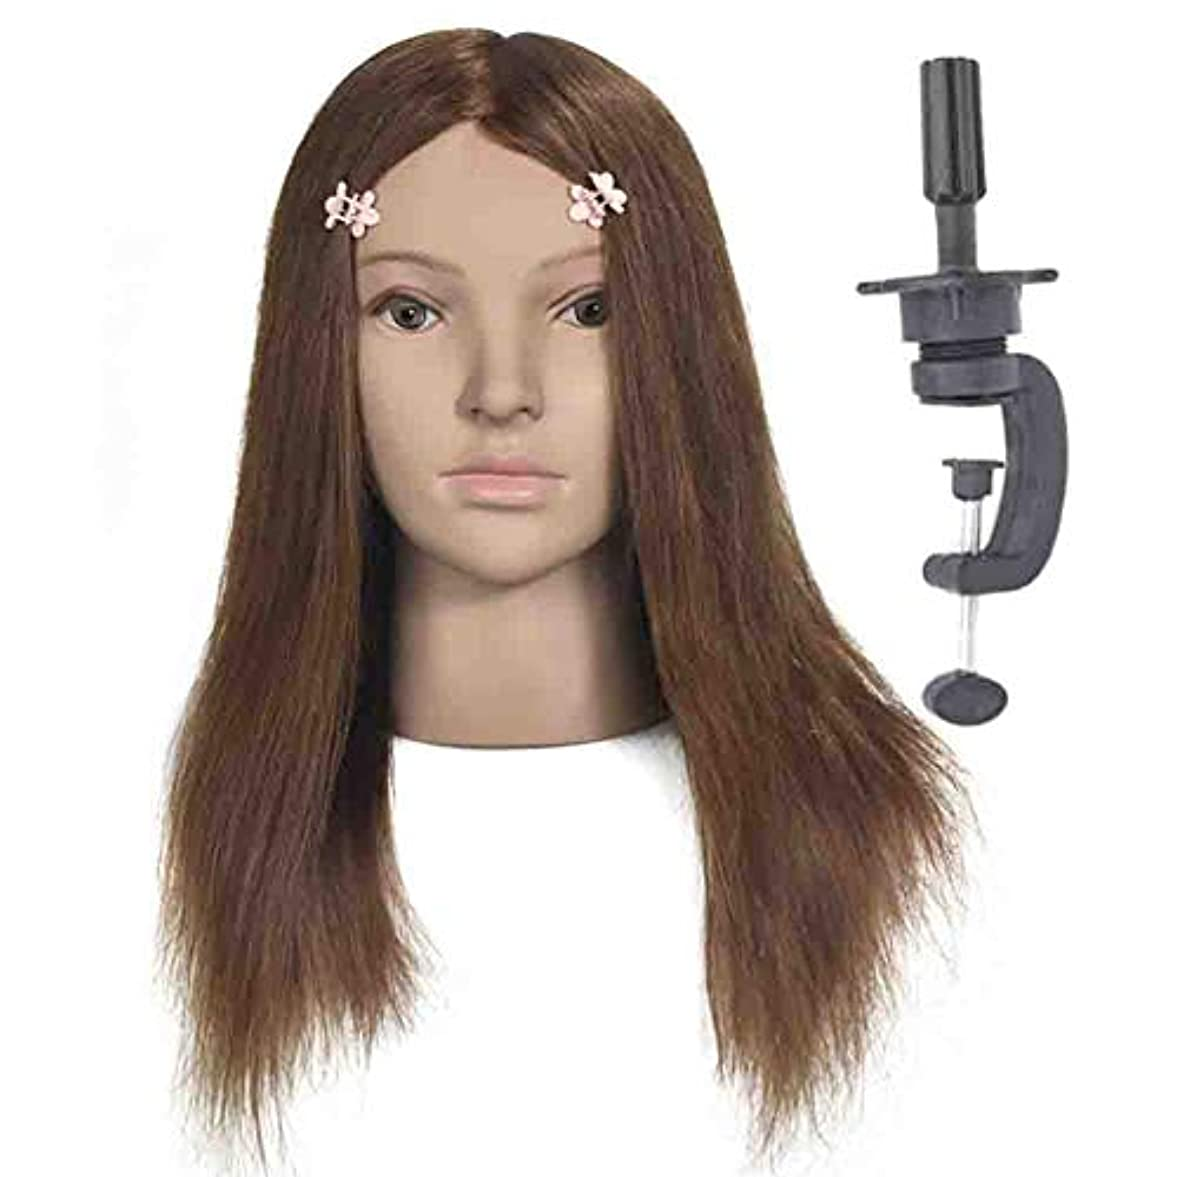 100%本物の髪型モデルヘッド花嫁ヘアエクササイズヘッド金型理髪店学習ダミーヘッドはパーマ毛髪染料することができます